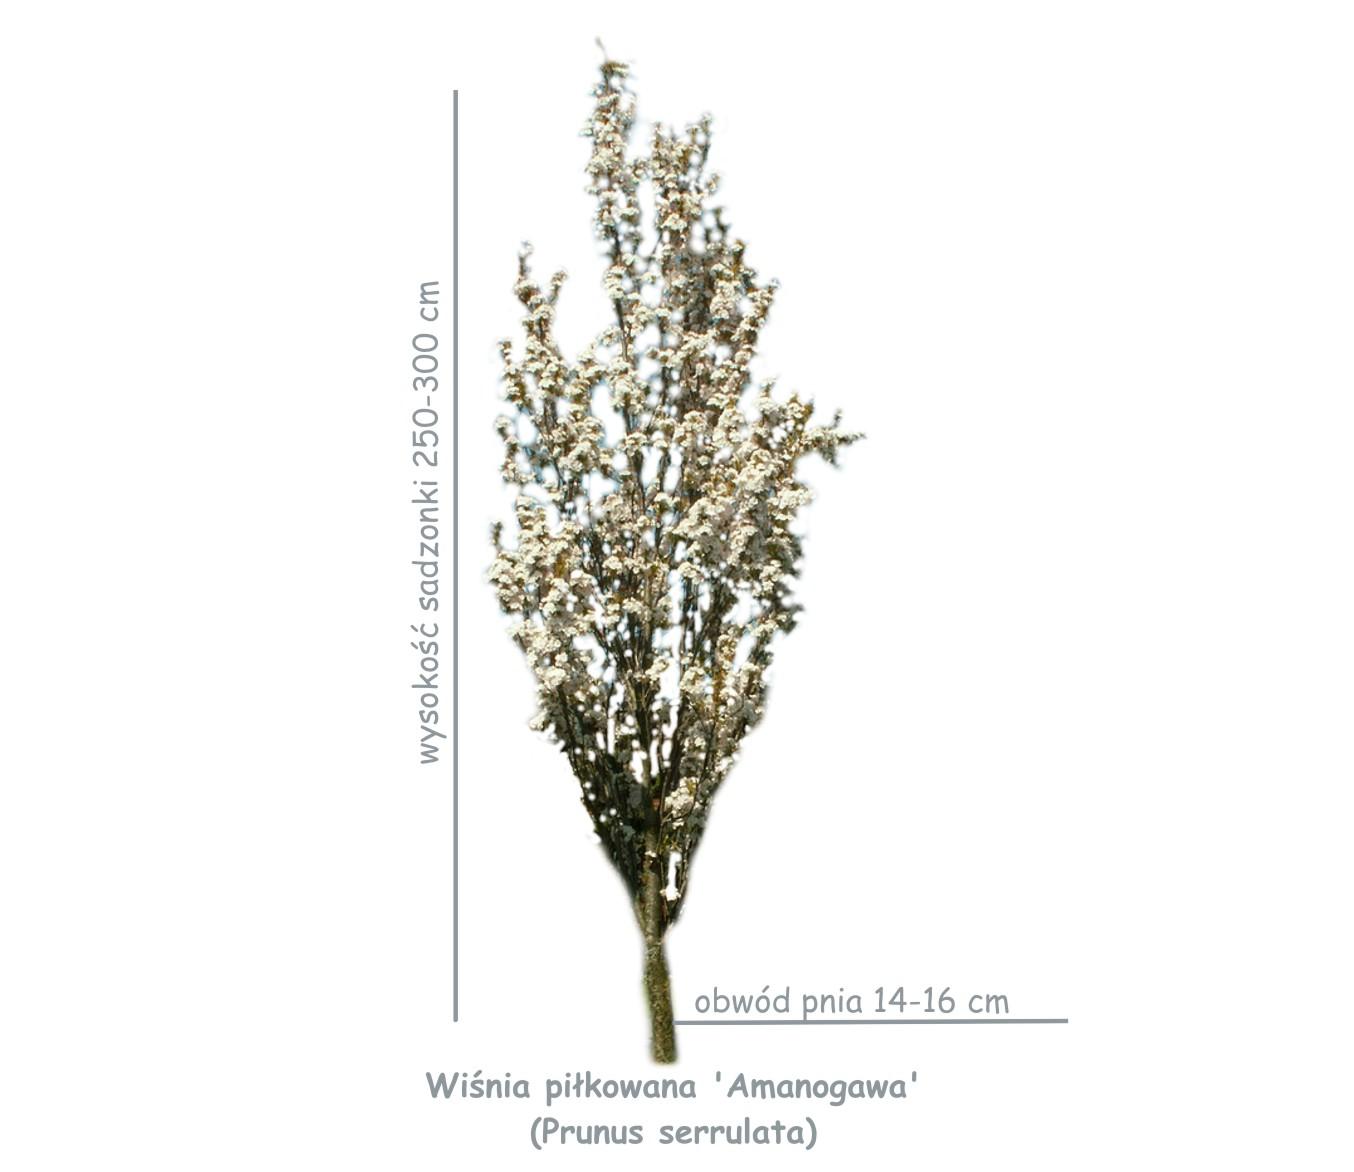 Wiśnia piłkowana 'Amanogawa' (Prunus serrulata) sadzonka o obwodzie pnia 14-16 cm